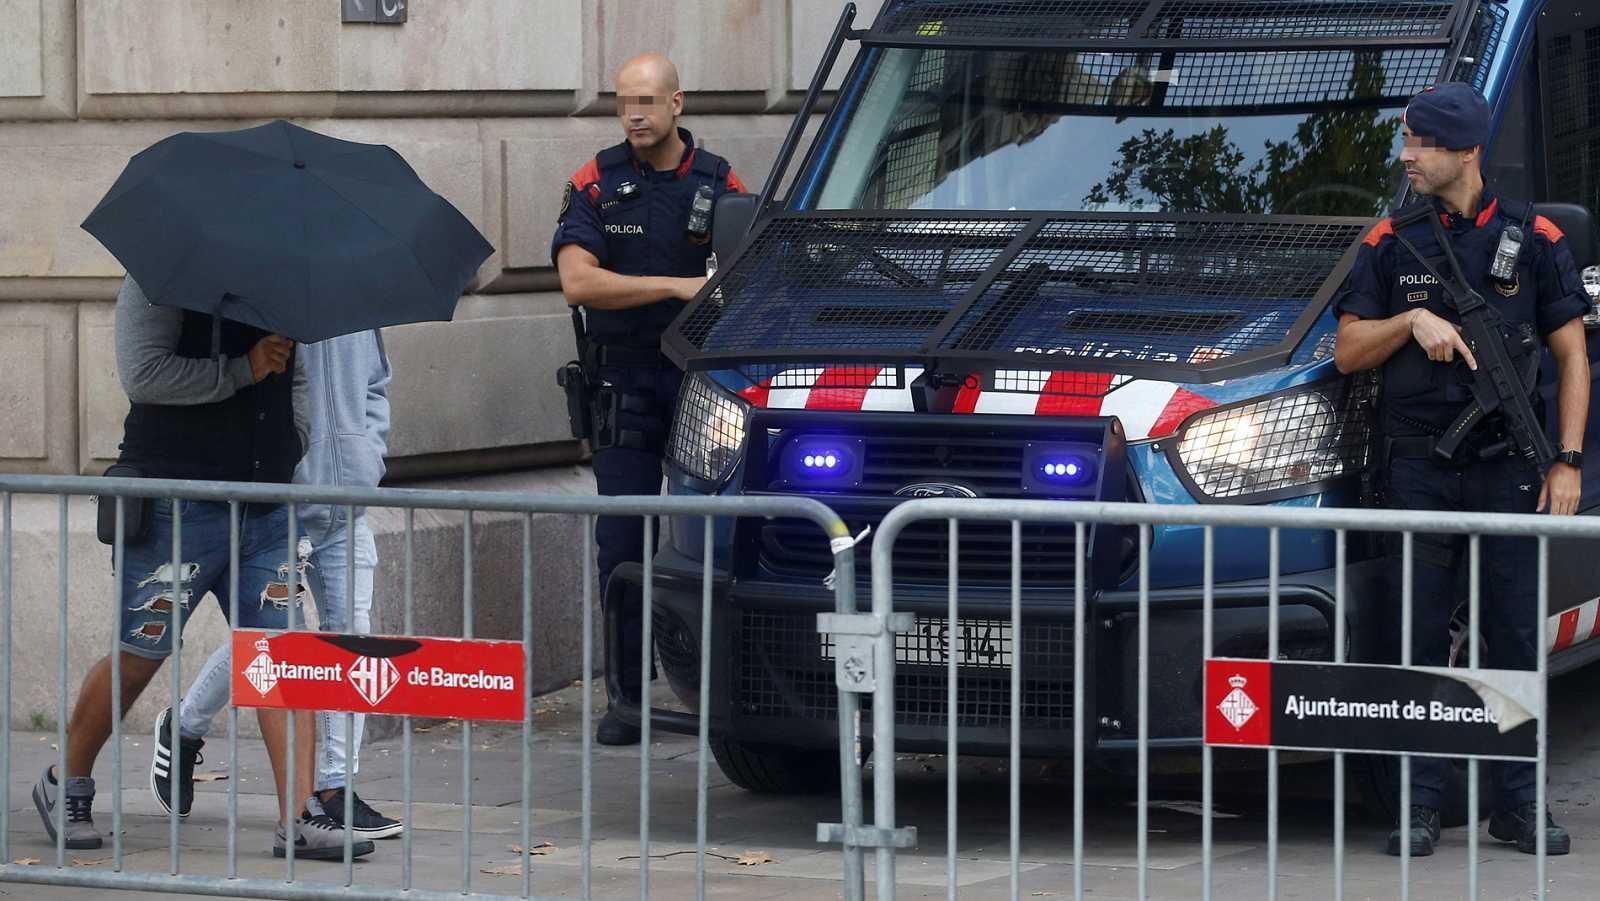 Orden de busca y captura para dos condenados por una violación grupal en Manresa